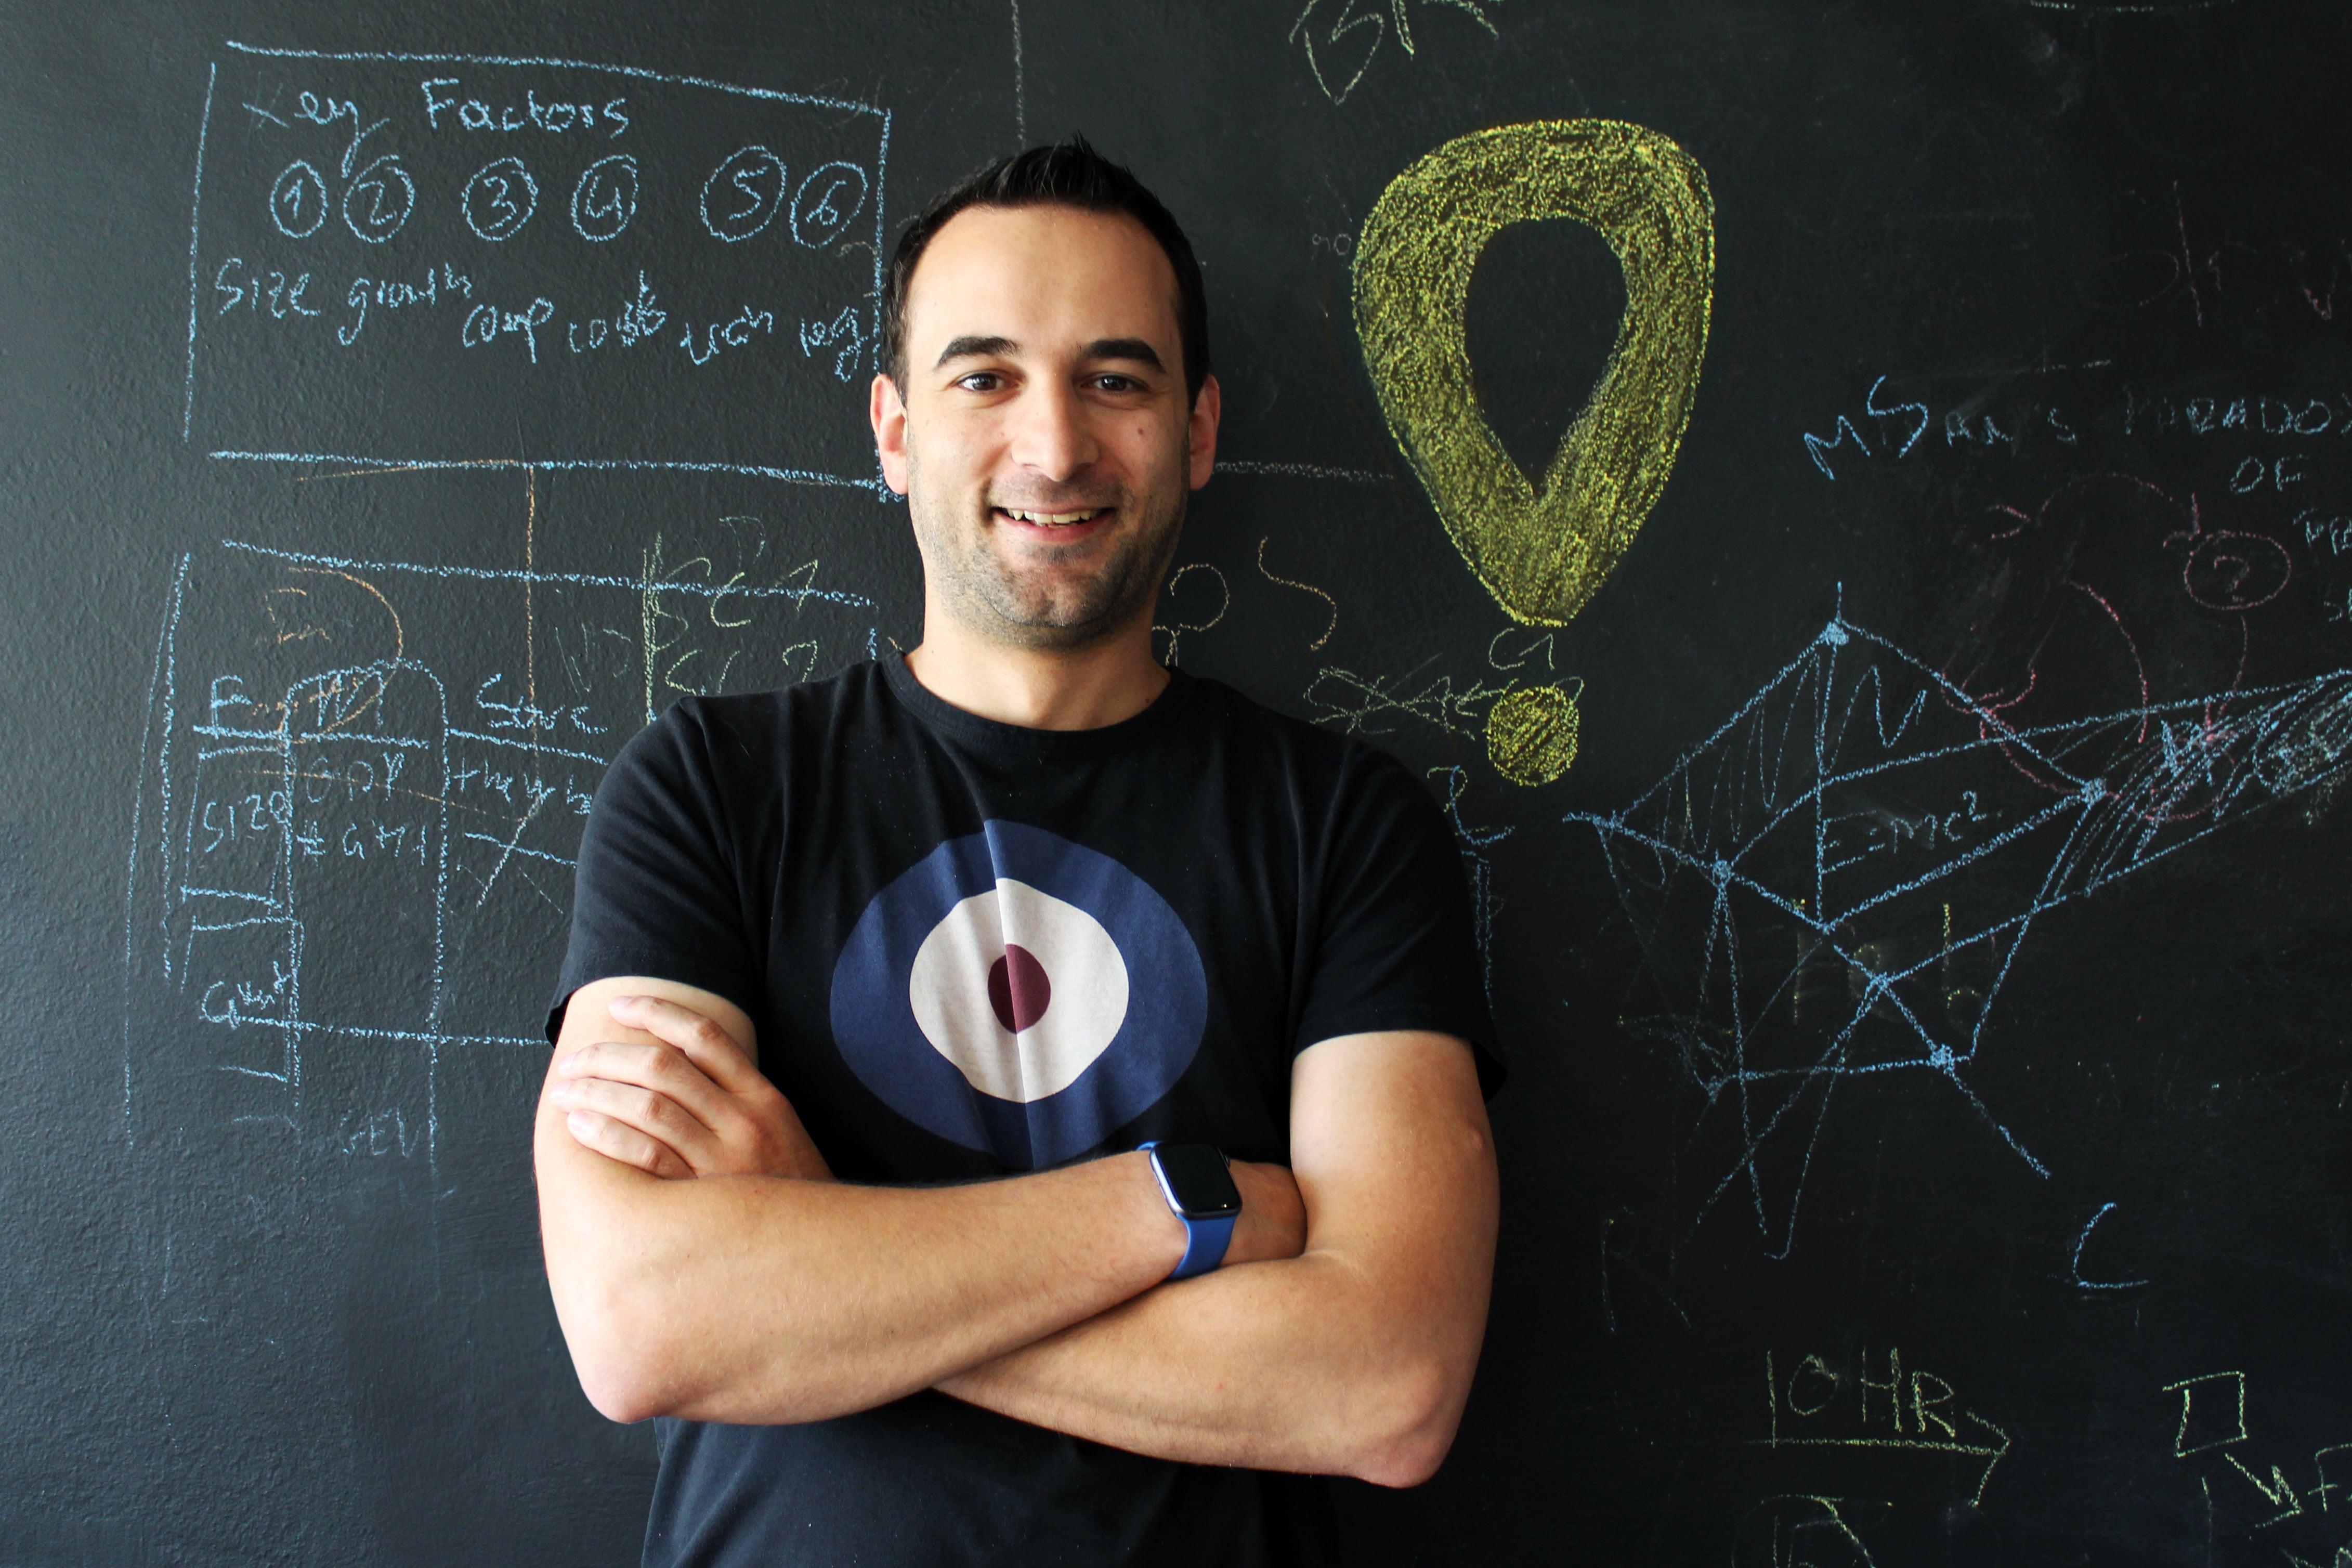 Glovo'nun Teknolojiden Sorumlu Başkanı Mustafa Sezgin Oldu